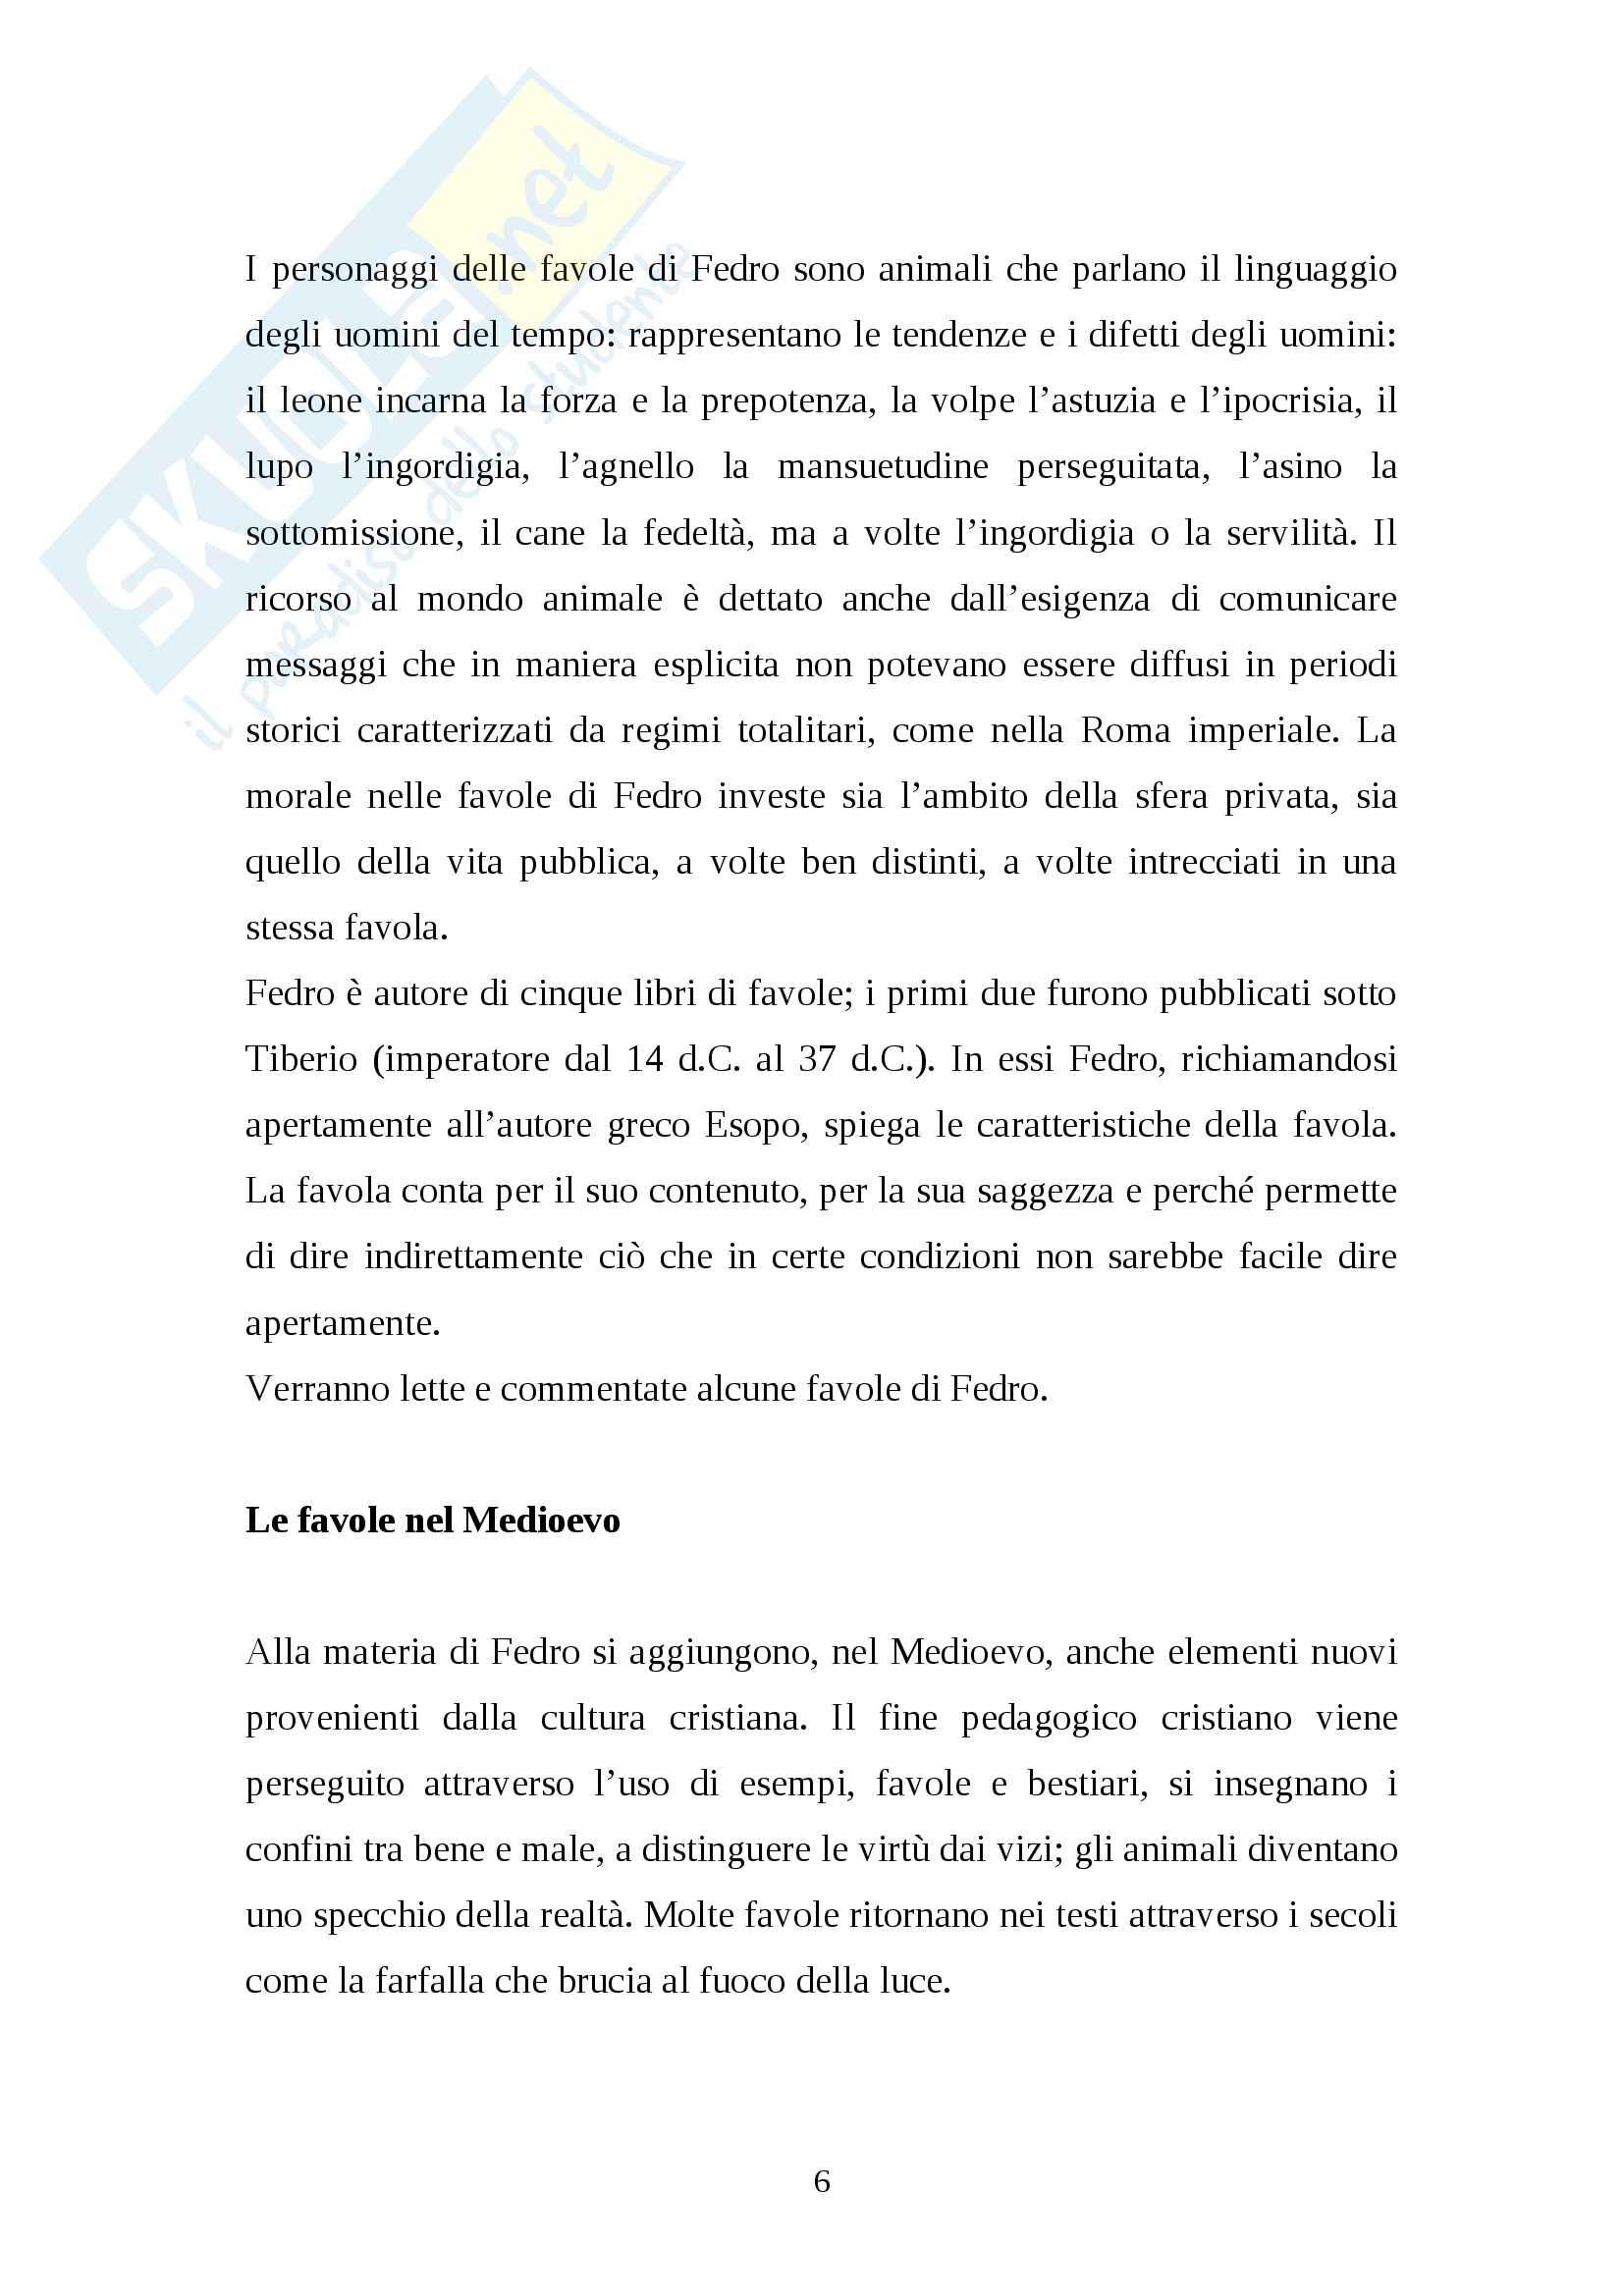 Modulo didattico - La favola - Percorso sulla favola dall'antichità al Settecento Pag. 6